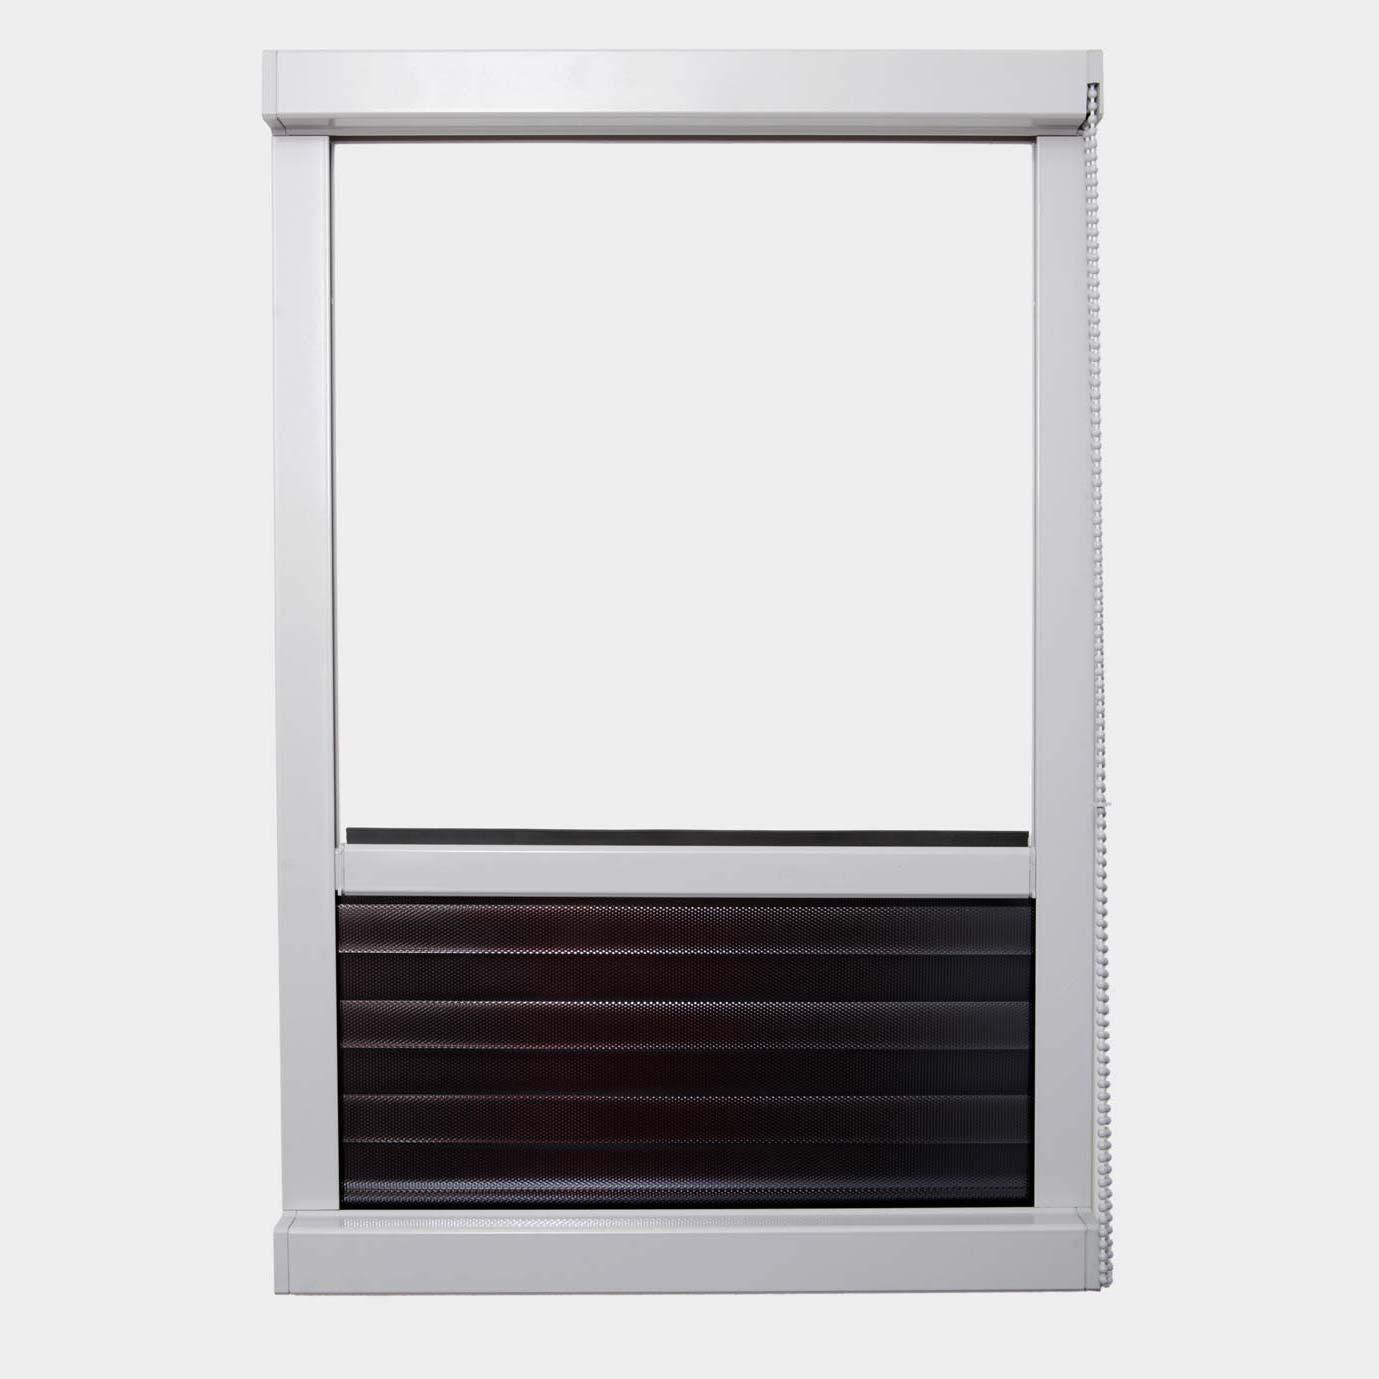 Full Size of Am Fenster Hochreflektierend Vom Hersteller 3 Fach Verglasung Neue Einbauen Roro Sicherheitsfolie Insektenschutz Online Konfigurieren Austauschen Schüco Fenster Rollo Fenster